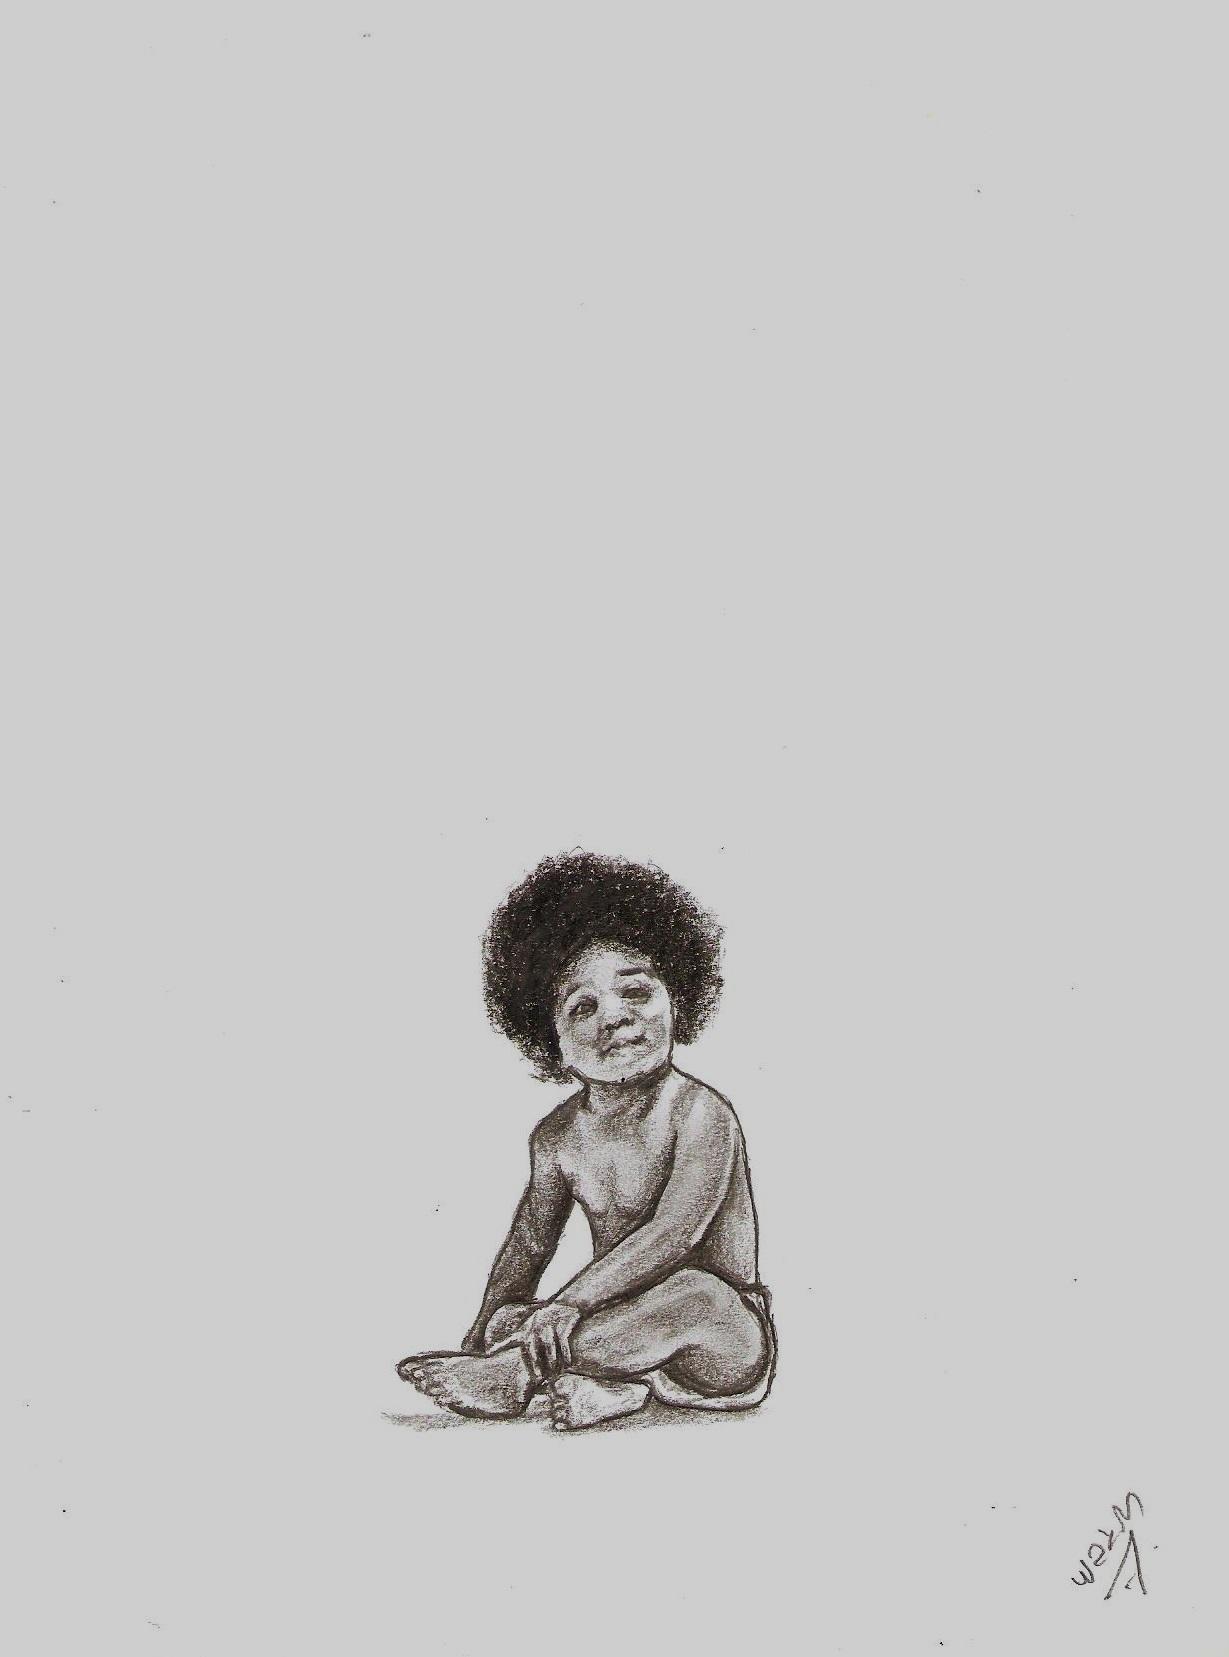 Karakalem çizimler 767273 Uludağ Sözlük Galeri